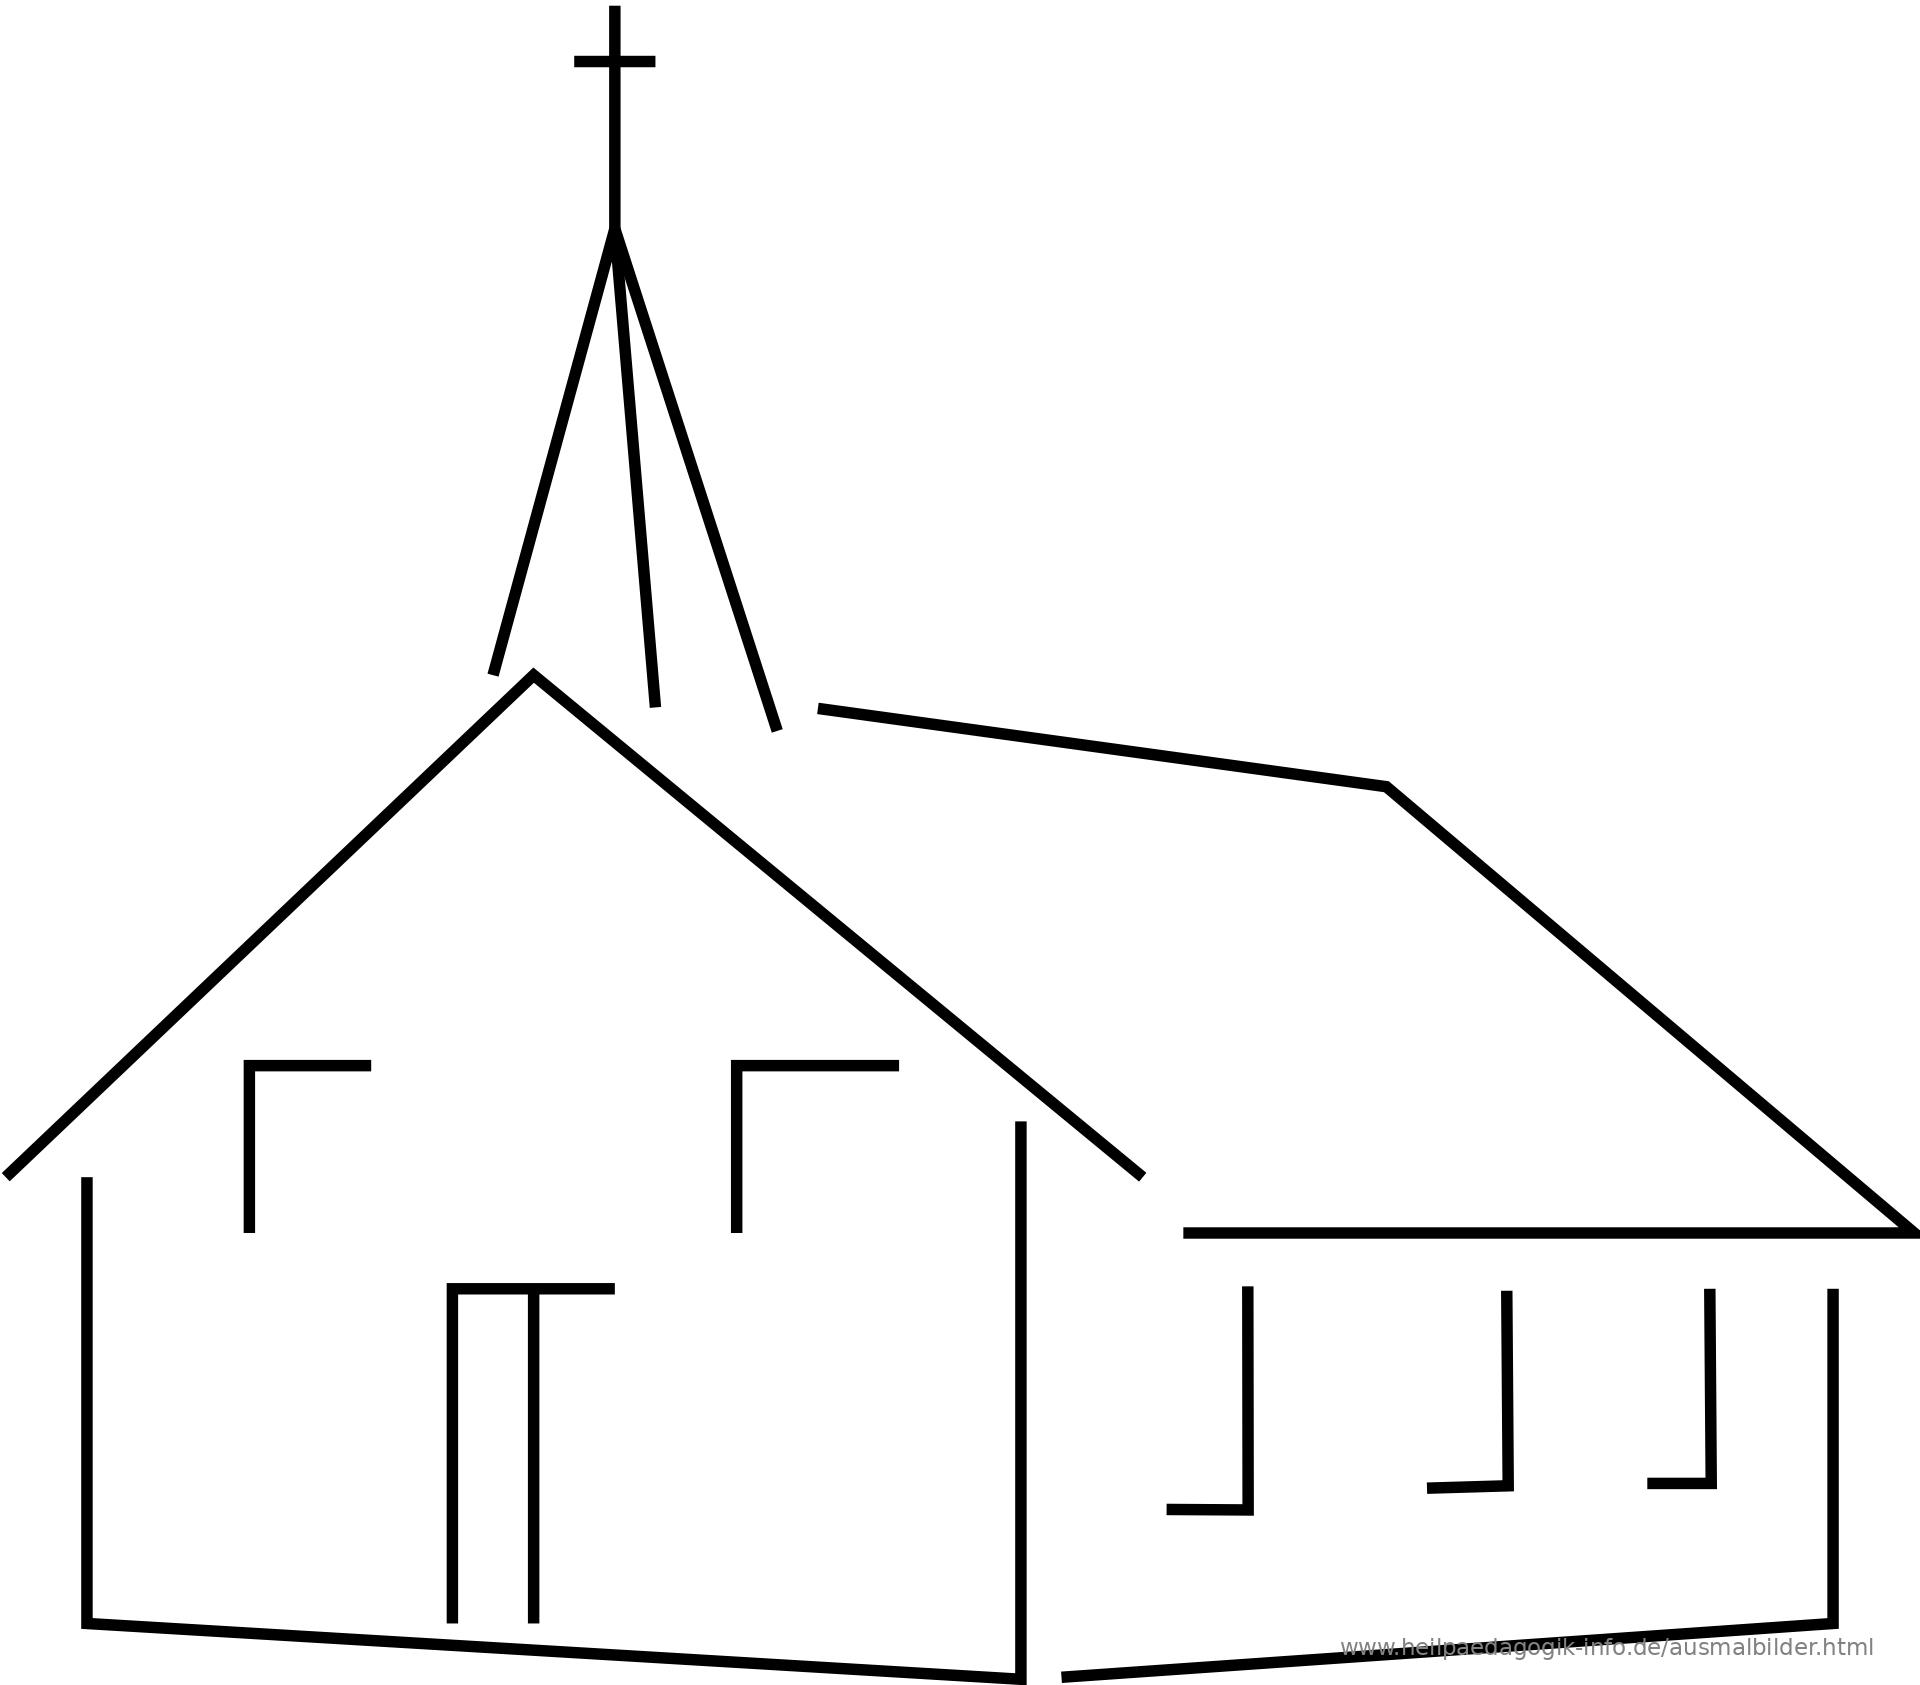 Ausmalbild Malvorlage Kirche Ausmalbild Kirche Als PDF oder PNG anzeigen